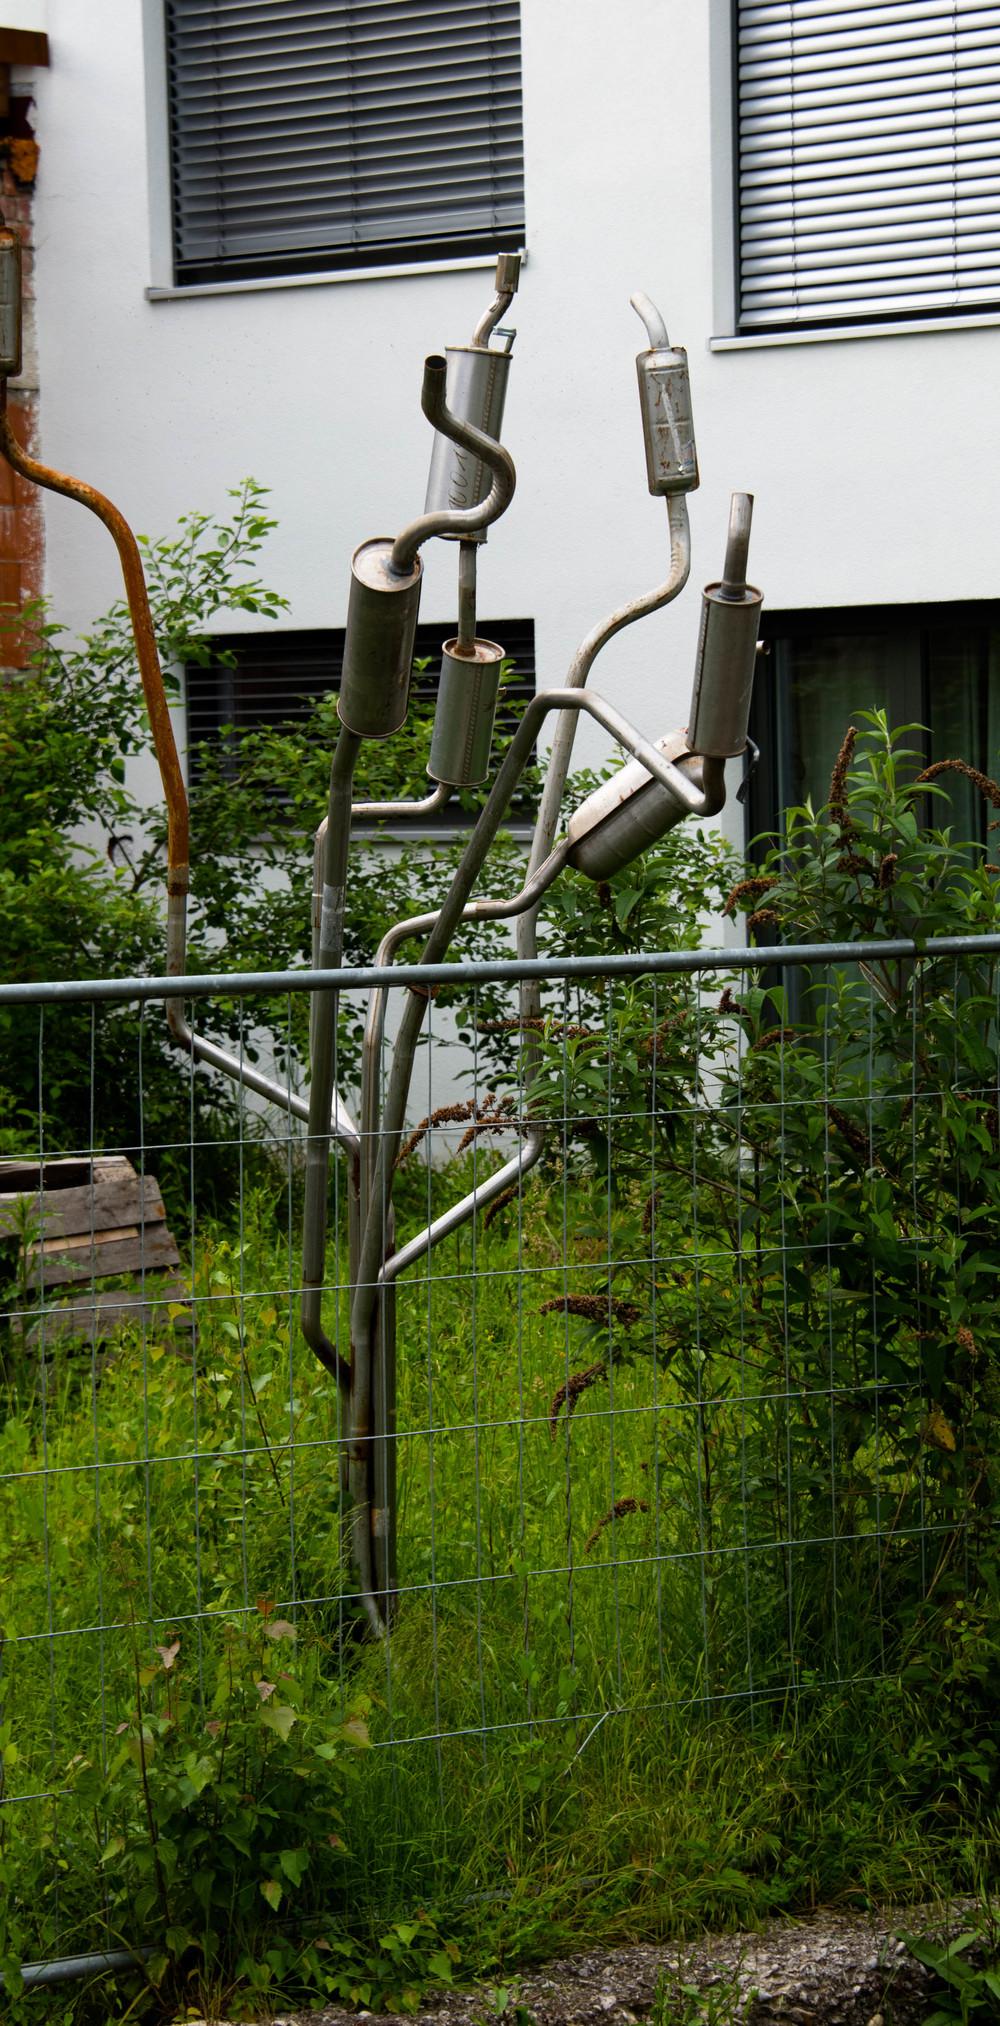 Et kunstverk av eksosrør og potter-ikke veldig imponerende